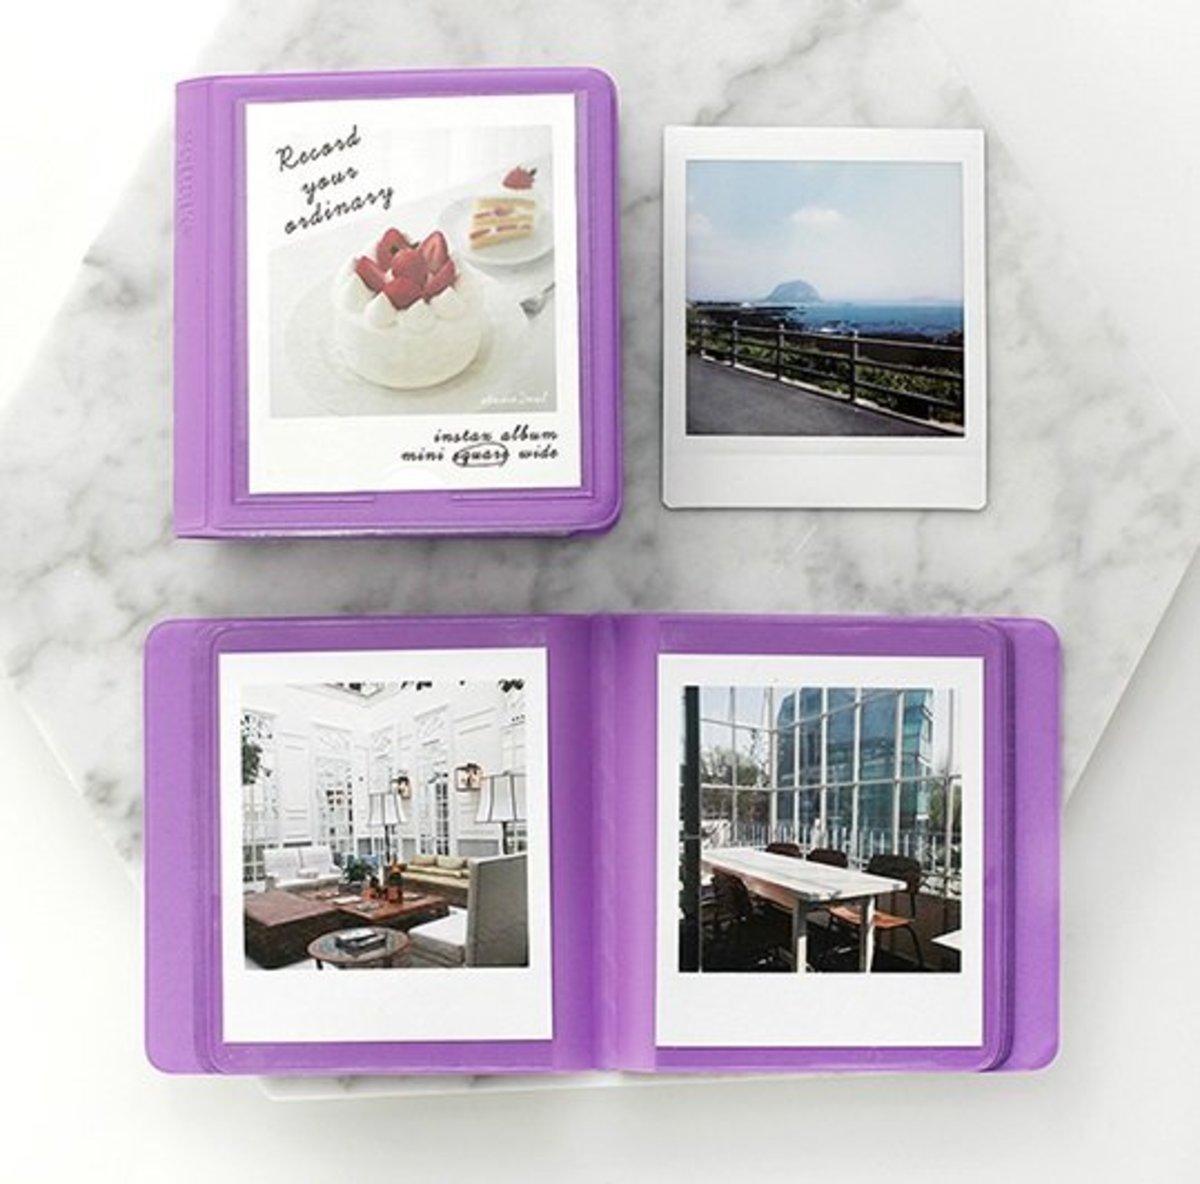 韓國製 2NUL寶麗來 即影即有 相簿(方形) 紫色